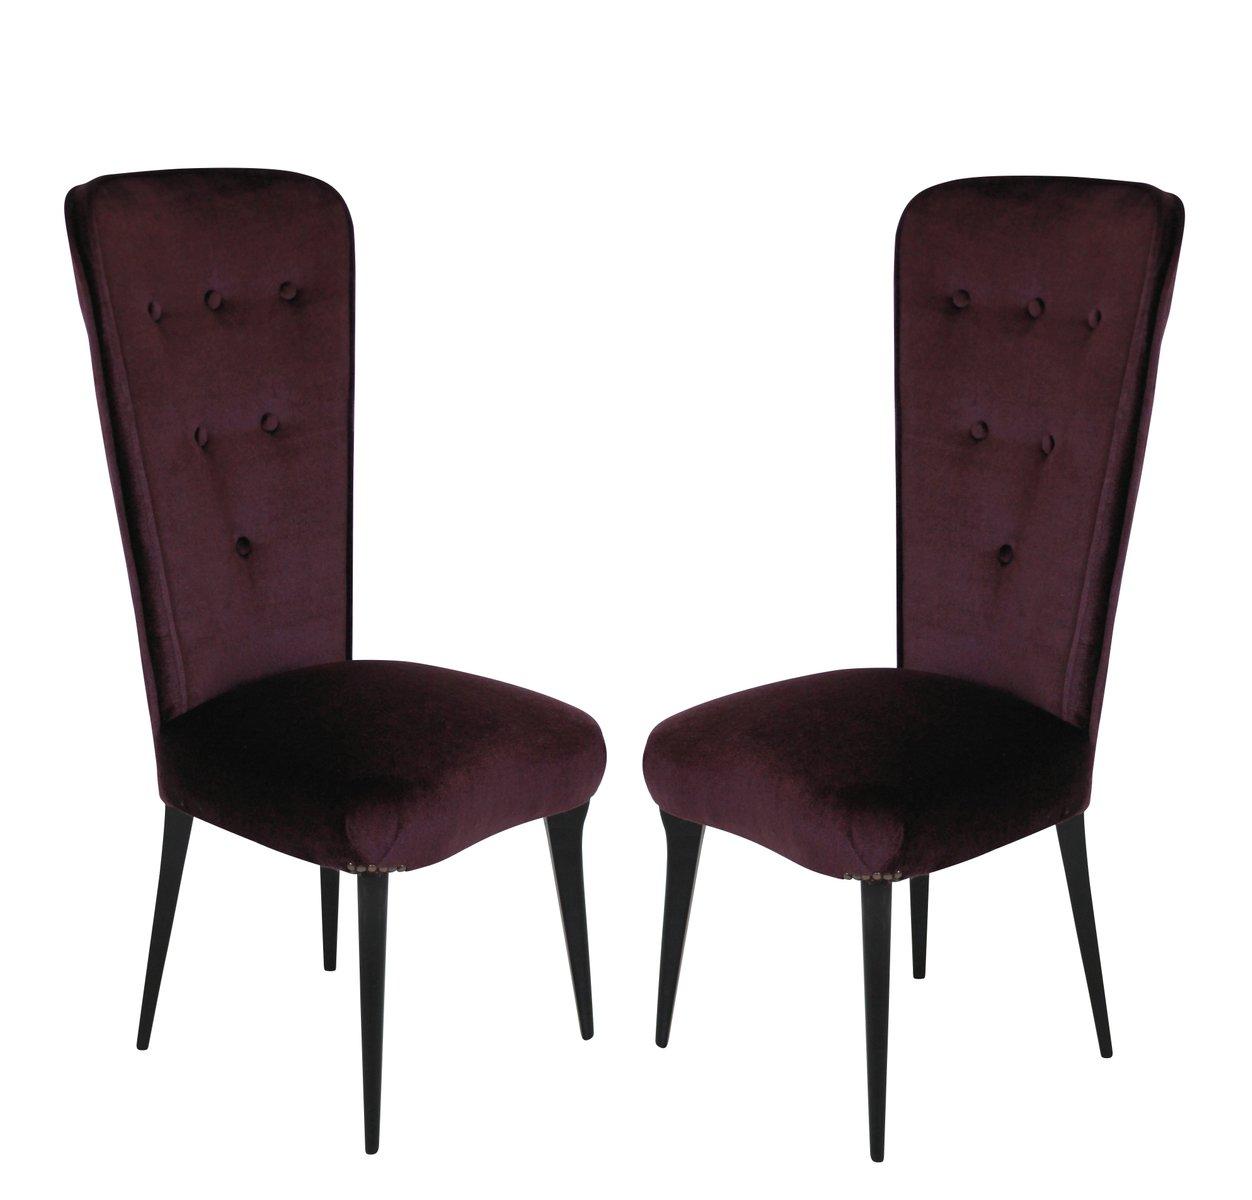 chaises pour chambre coucher mid century italie 1950s set de 2 en vente sur pamono. Black Bedroom Furniture Sets. Home Design Ideas